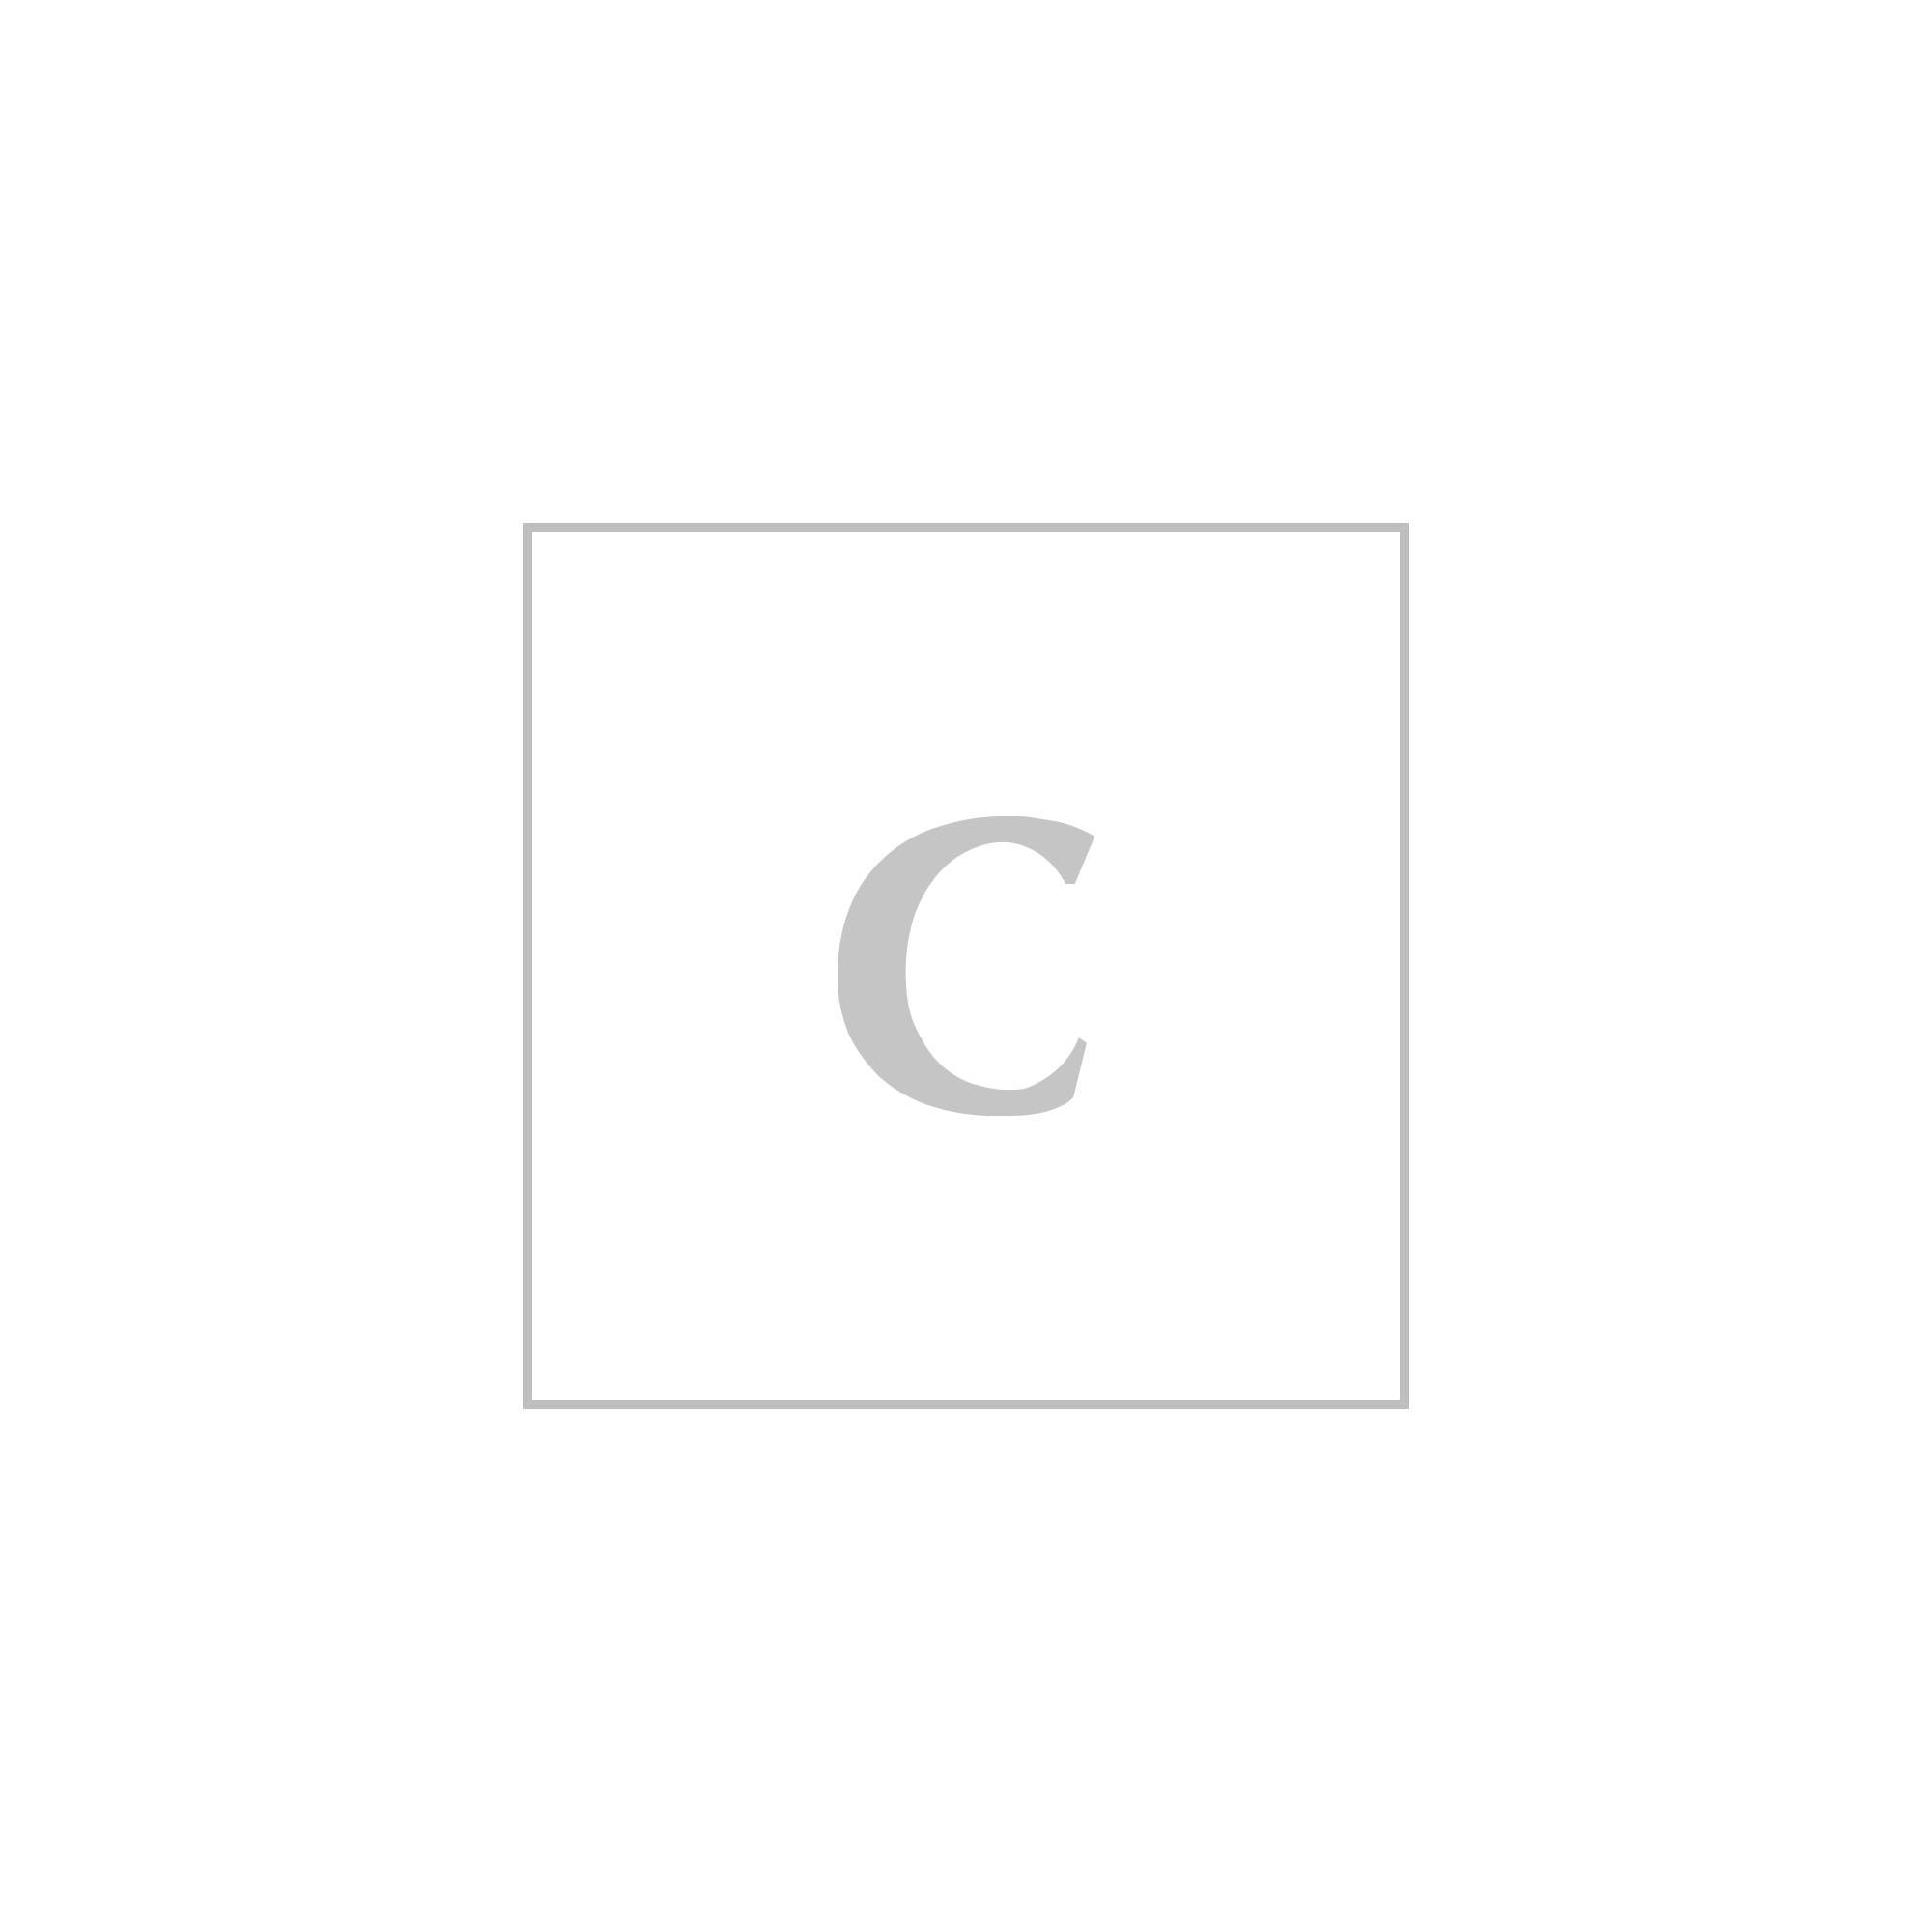 Ermanno scervino abito corto manica corta 3/4